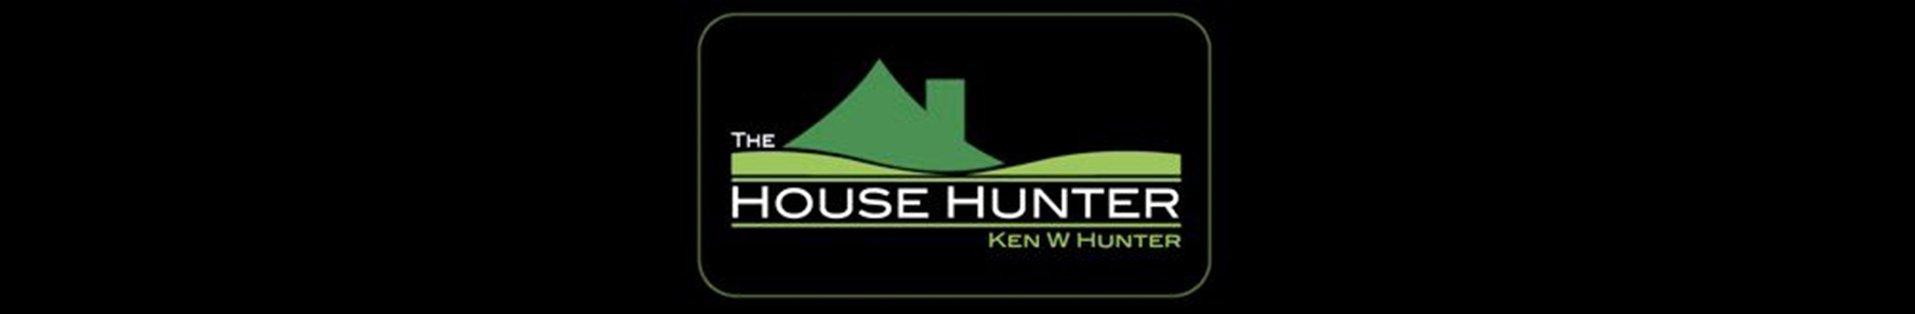 Ken Hunter